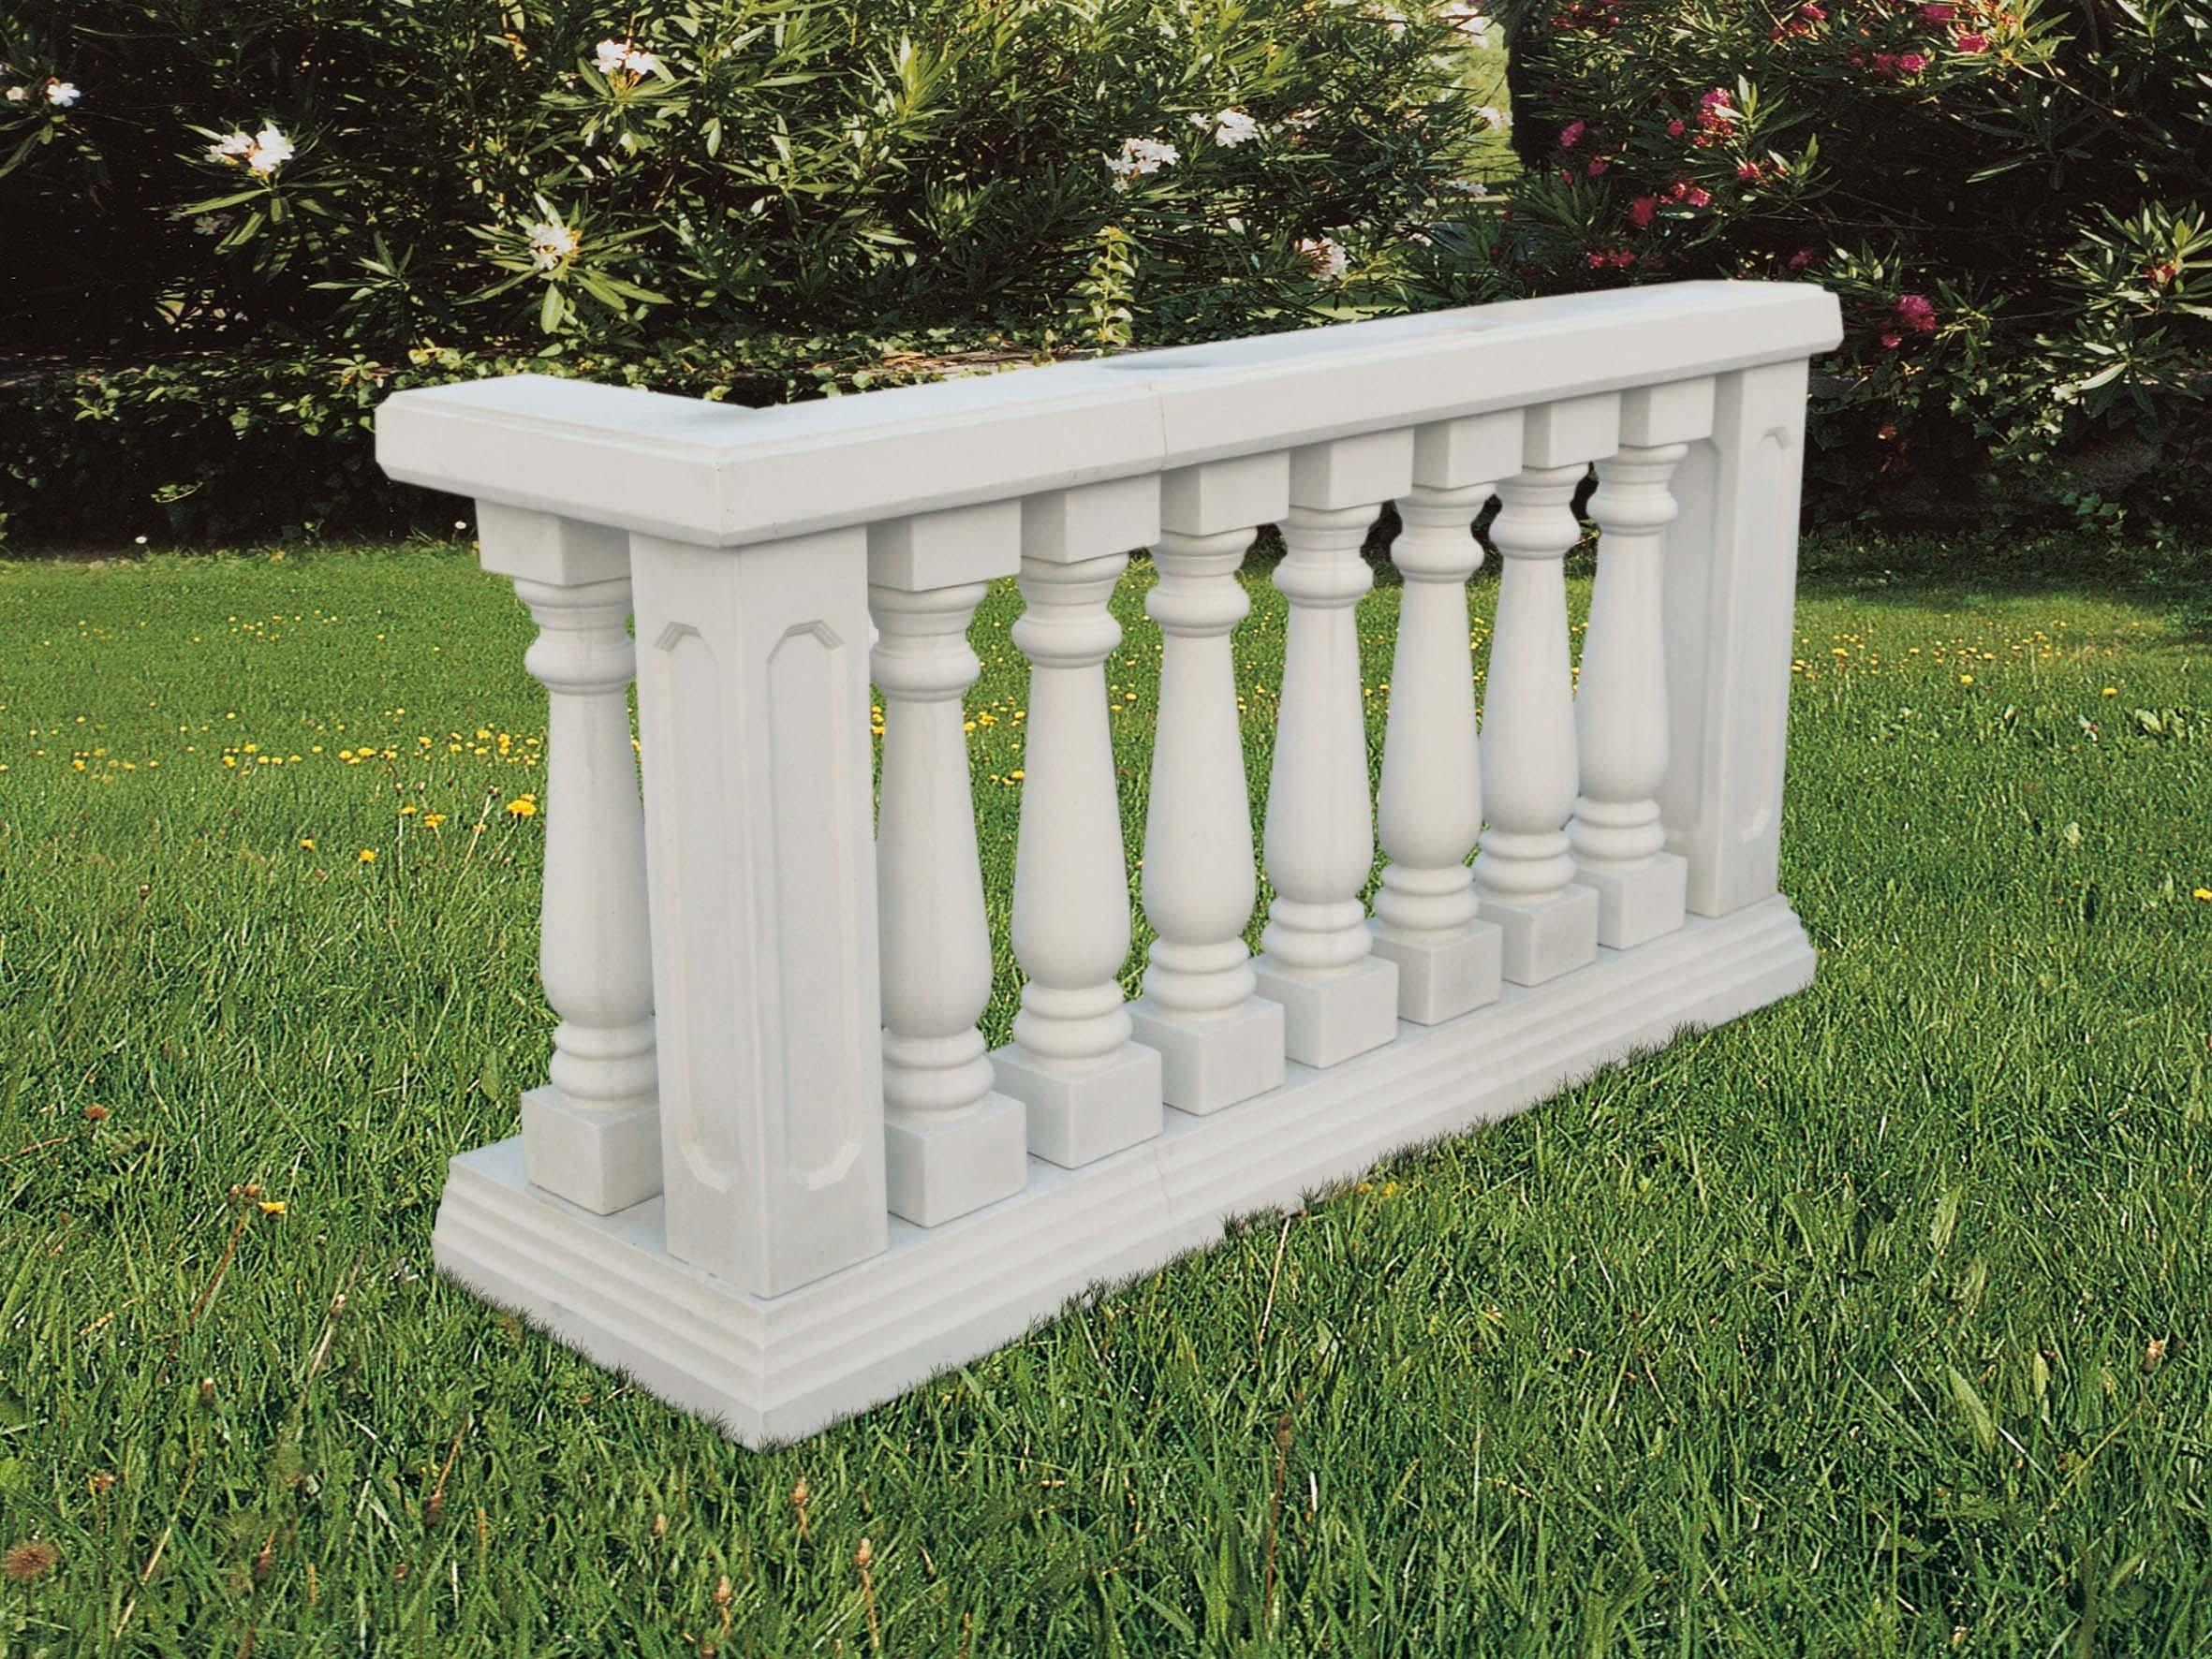 Vasi da esterno in cemento vasi illuminati per esterno - Vasi per esterno in cemento ...